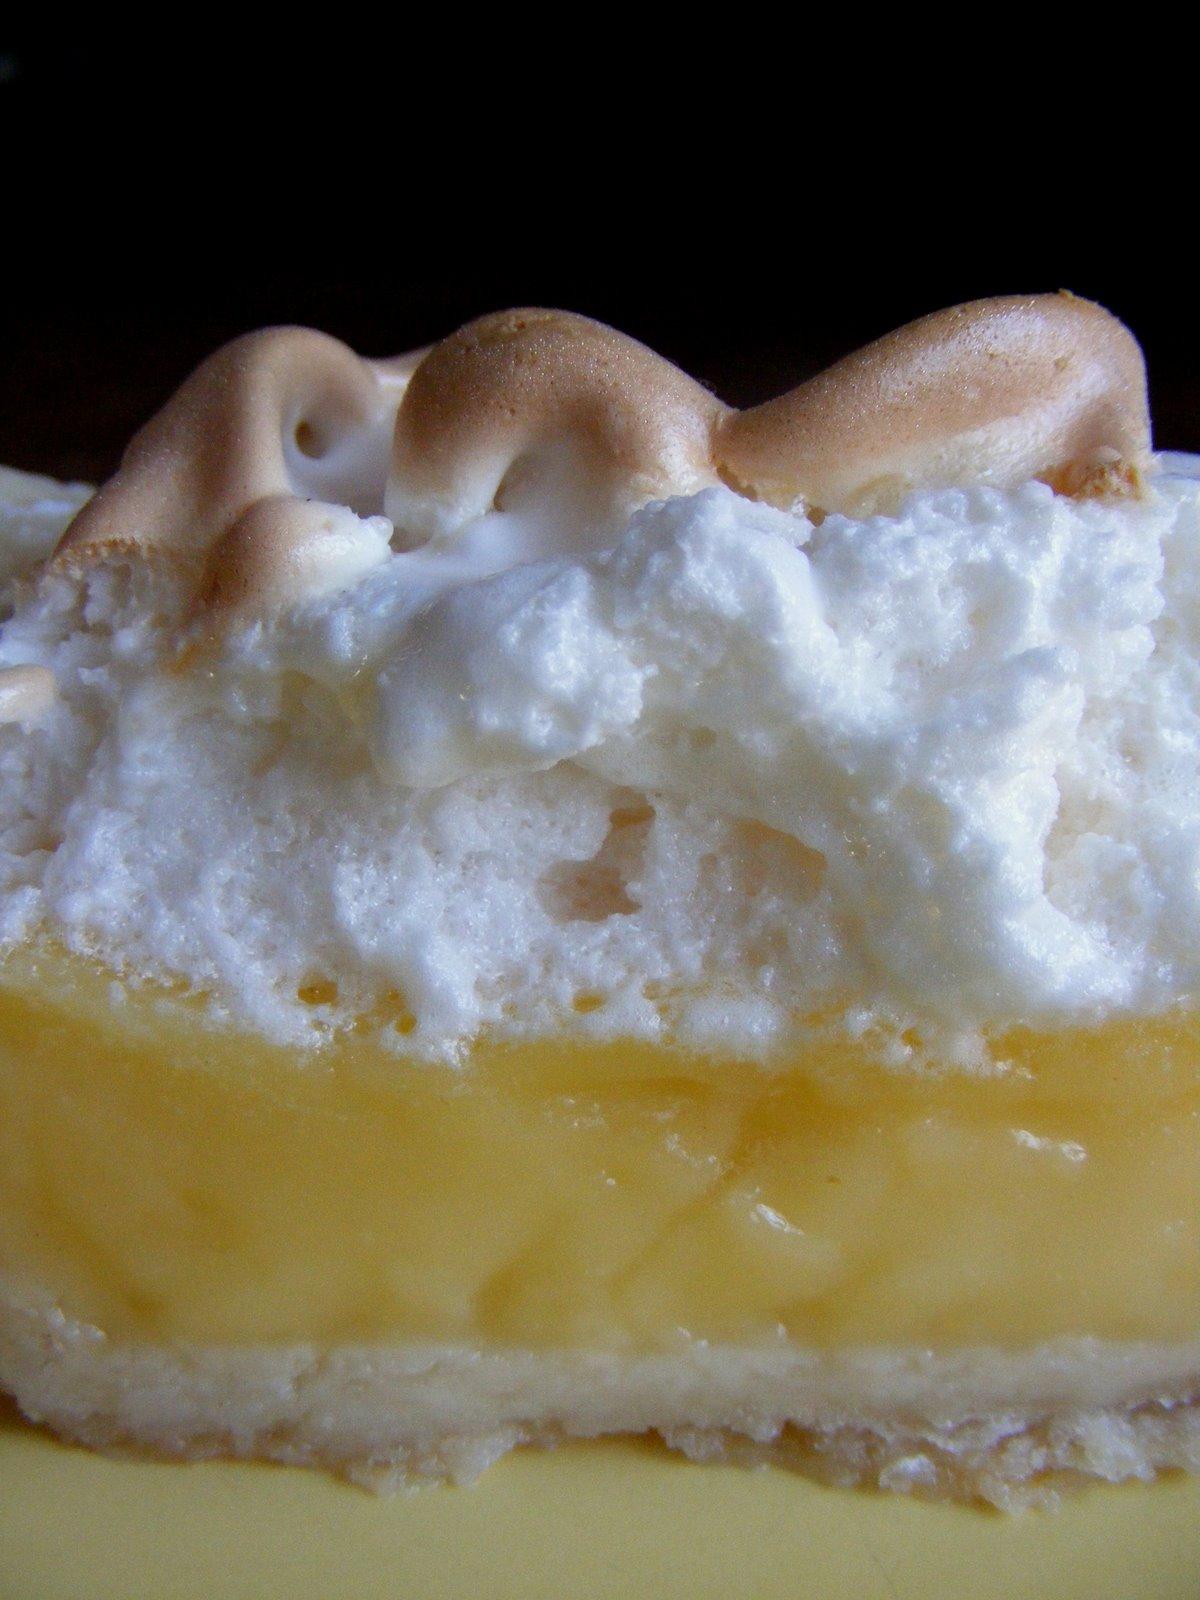 [pie.two.JPG]